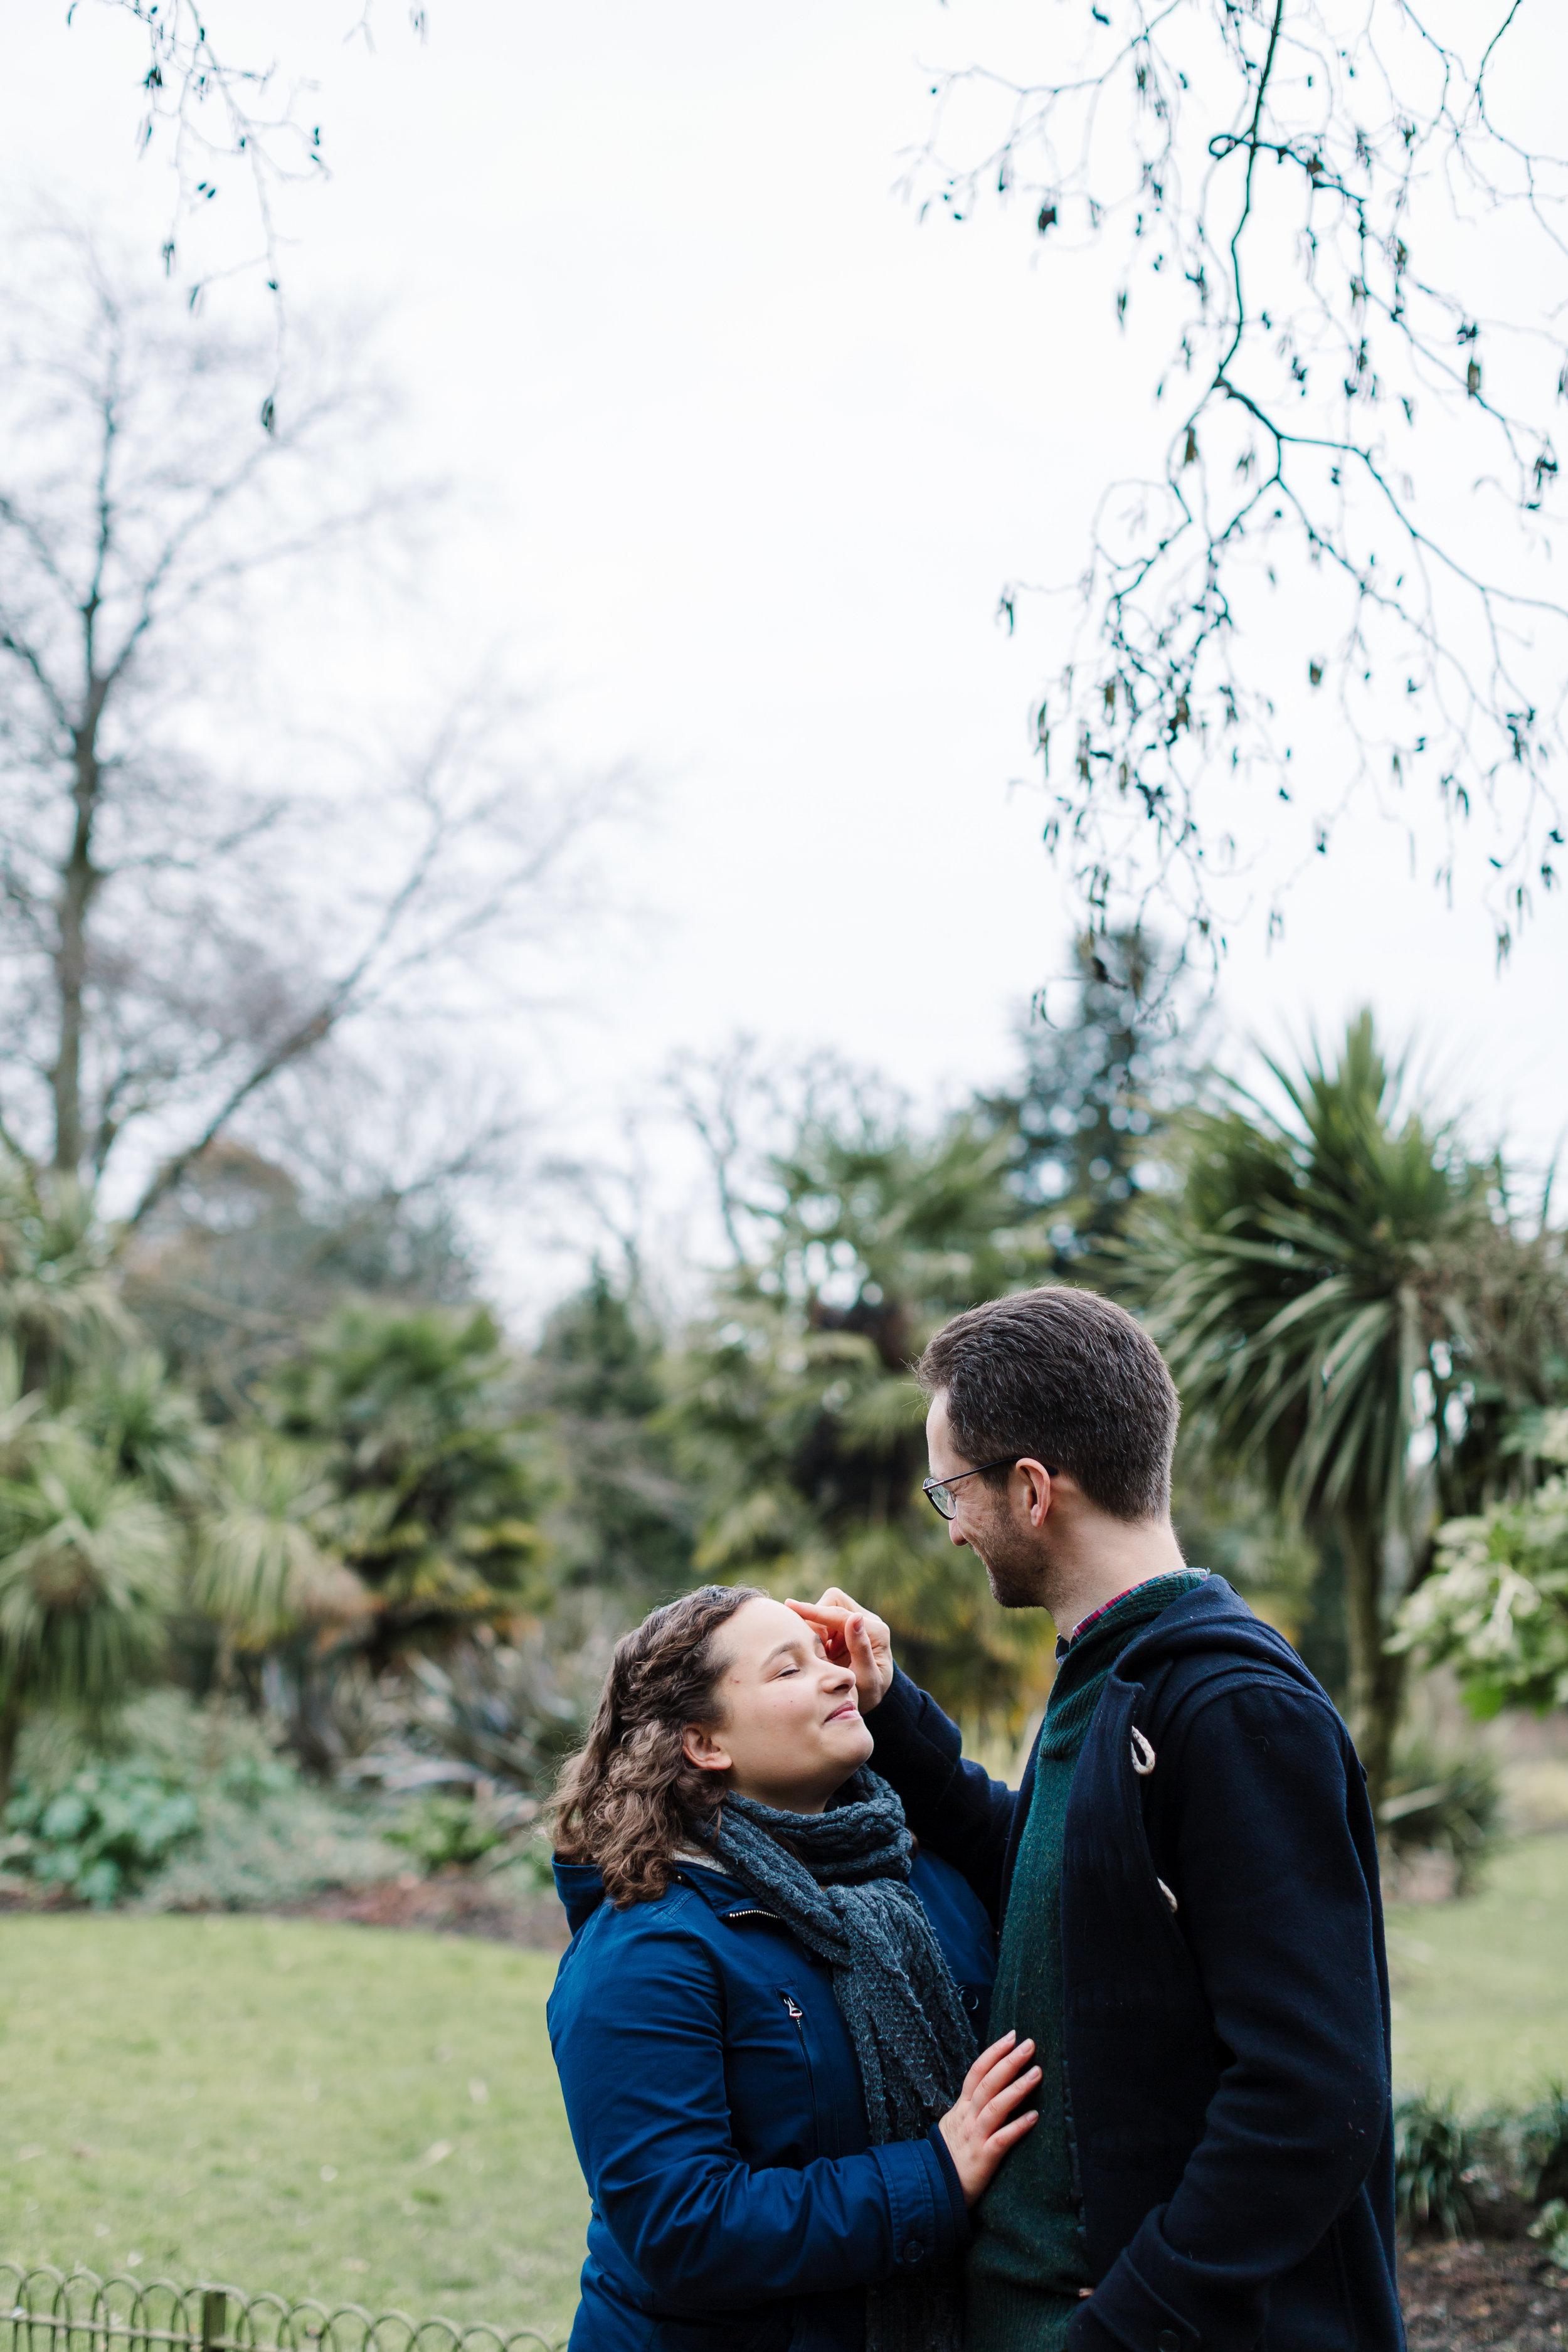 gentle moment between couple